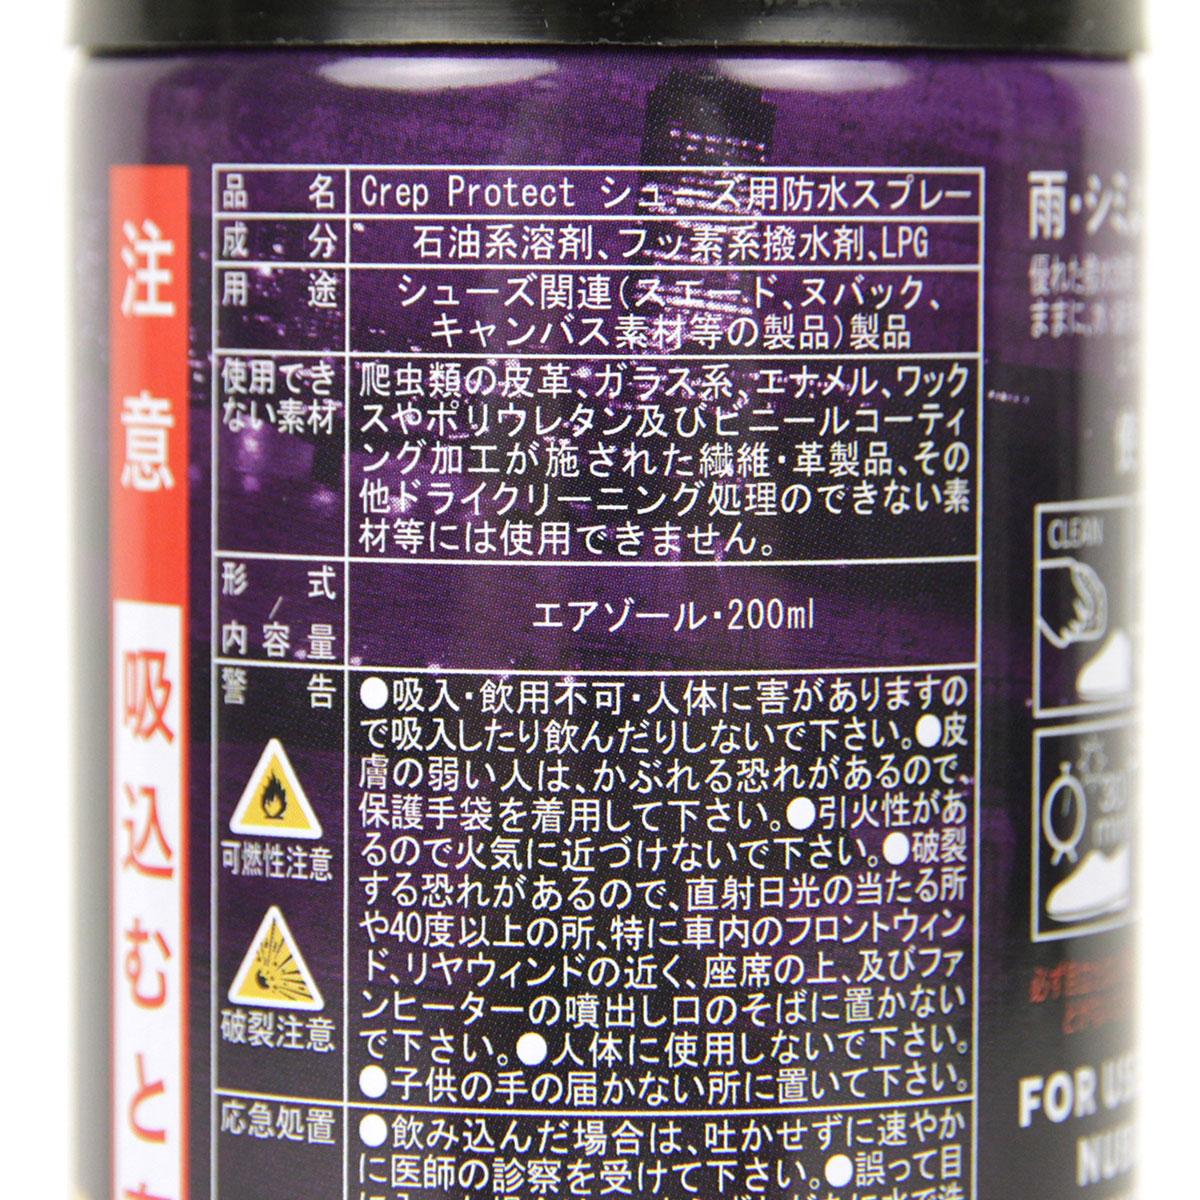 クレッププロテクト CREP PROTECT 正規品 シューケア CREP PROTECT PROTECT SPLAY クレップ プロテクト スプレー 200ml 6065-29040 A50B B3C CBD D3E E13F